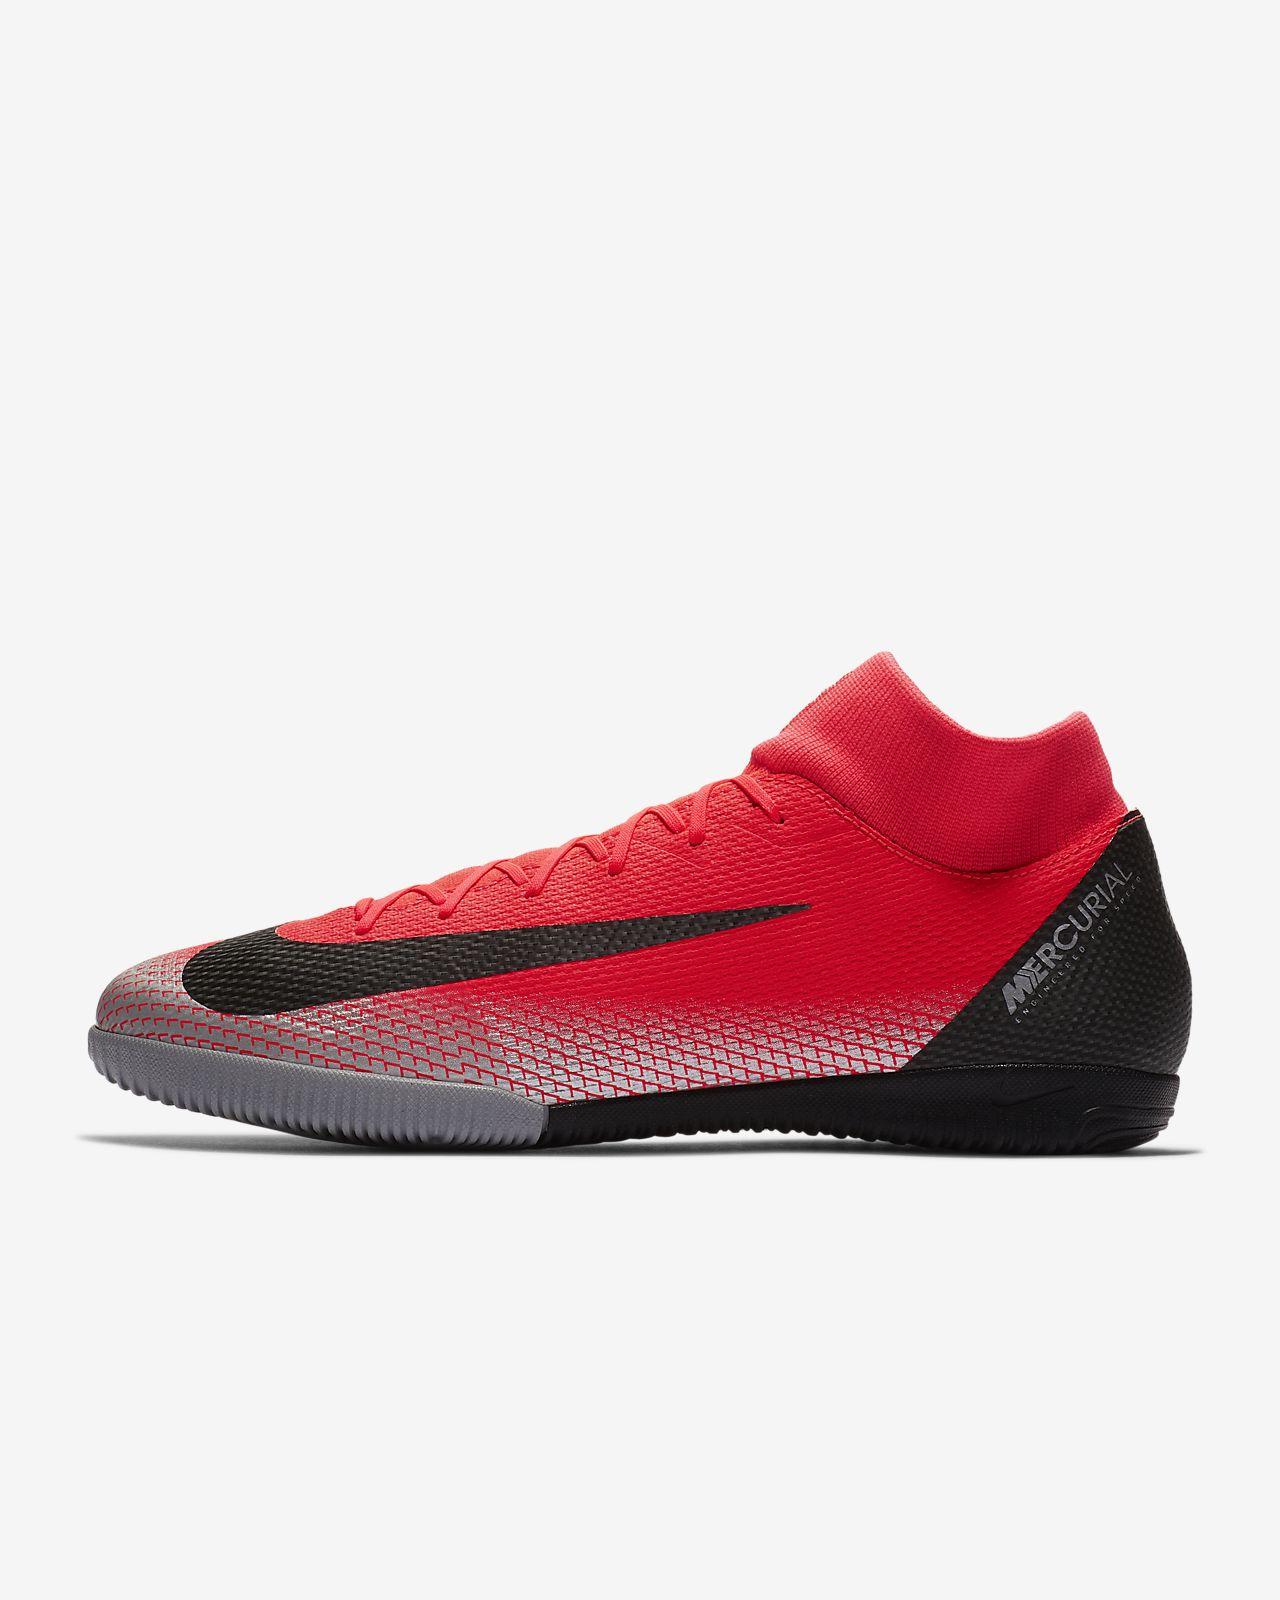 Nike Mercurialx Superfly Vi Academy Cr7 Ic Fußballschuh Für Hallen